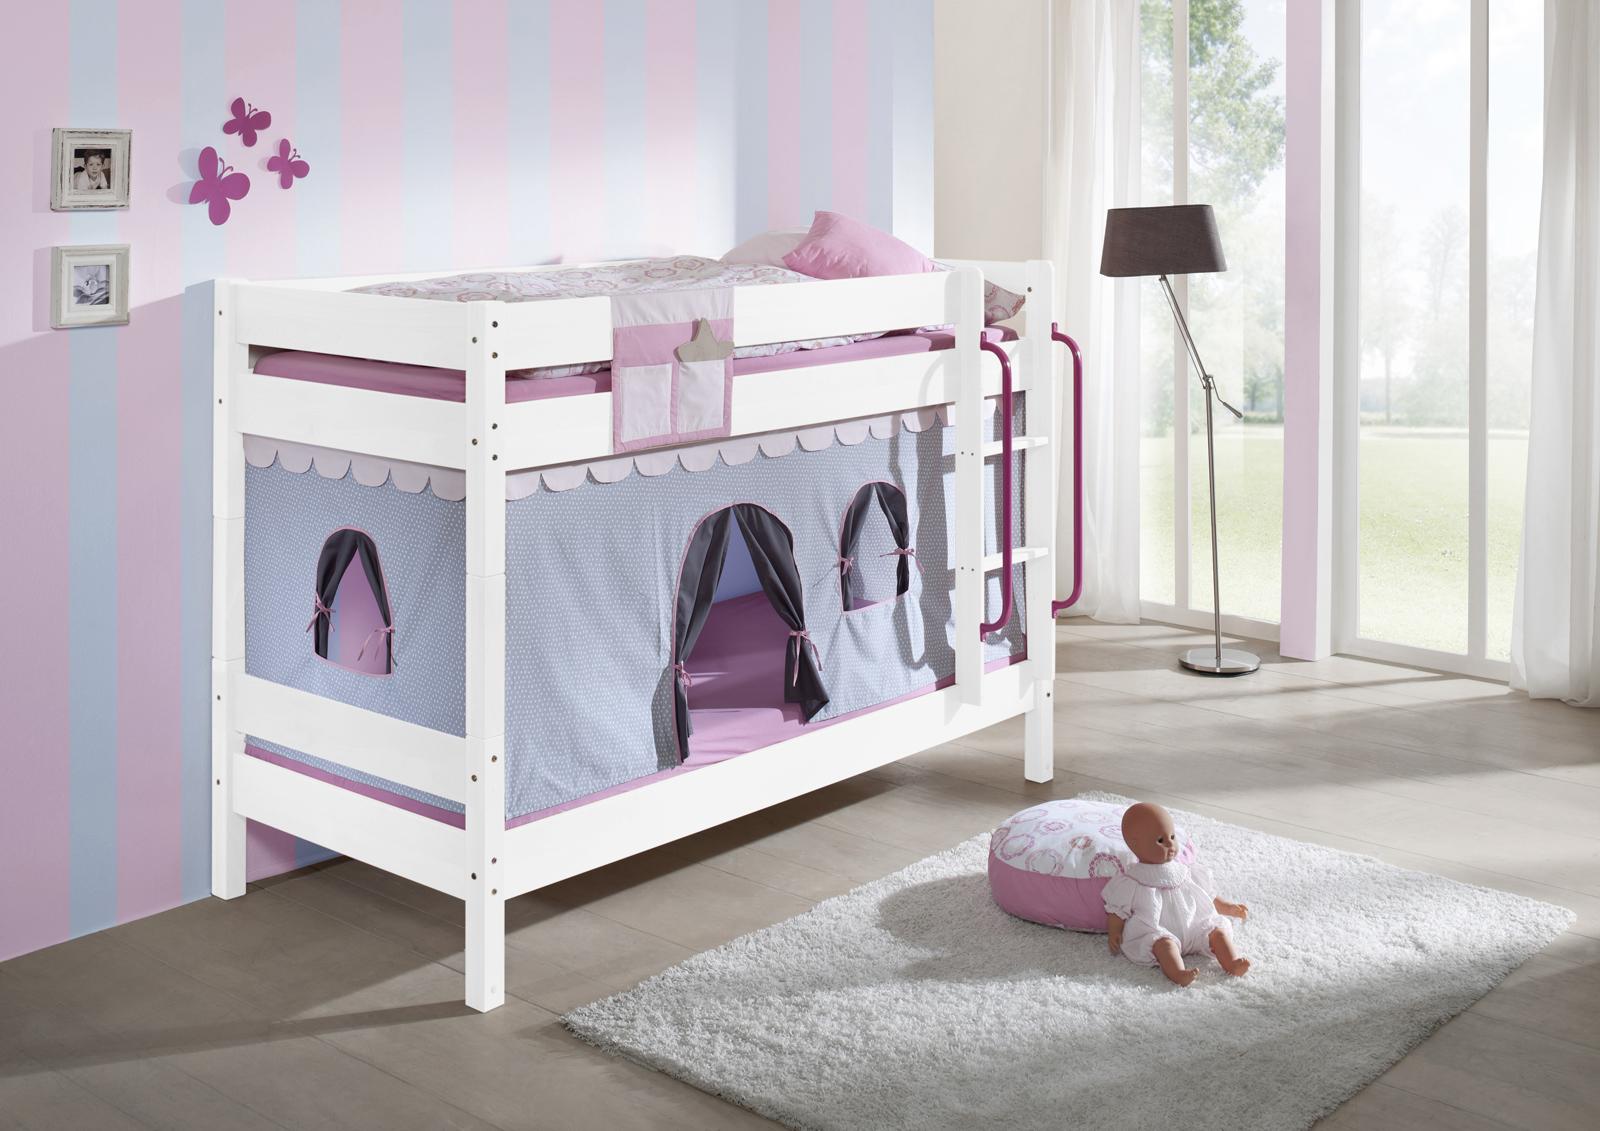 Etagenbett Kinder Weiß : Etagenbett tam in weiß mit leiter und regalen von parisot